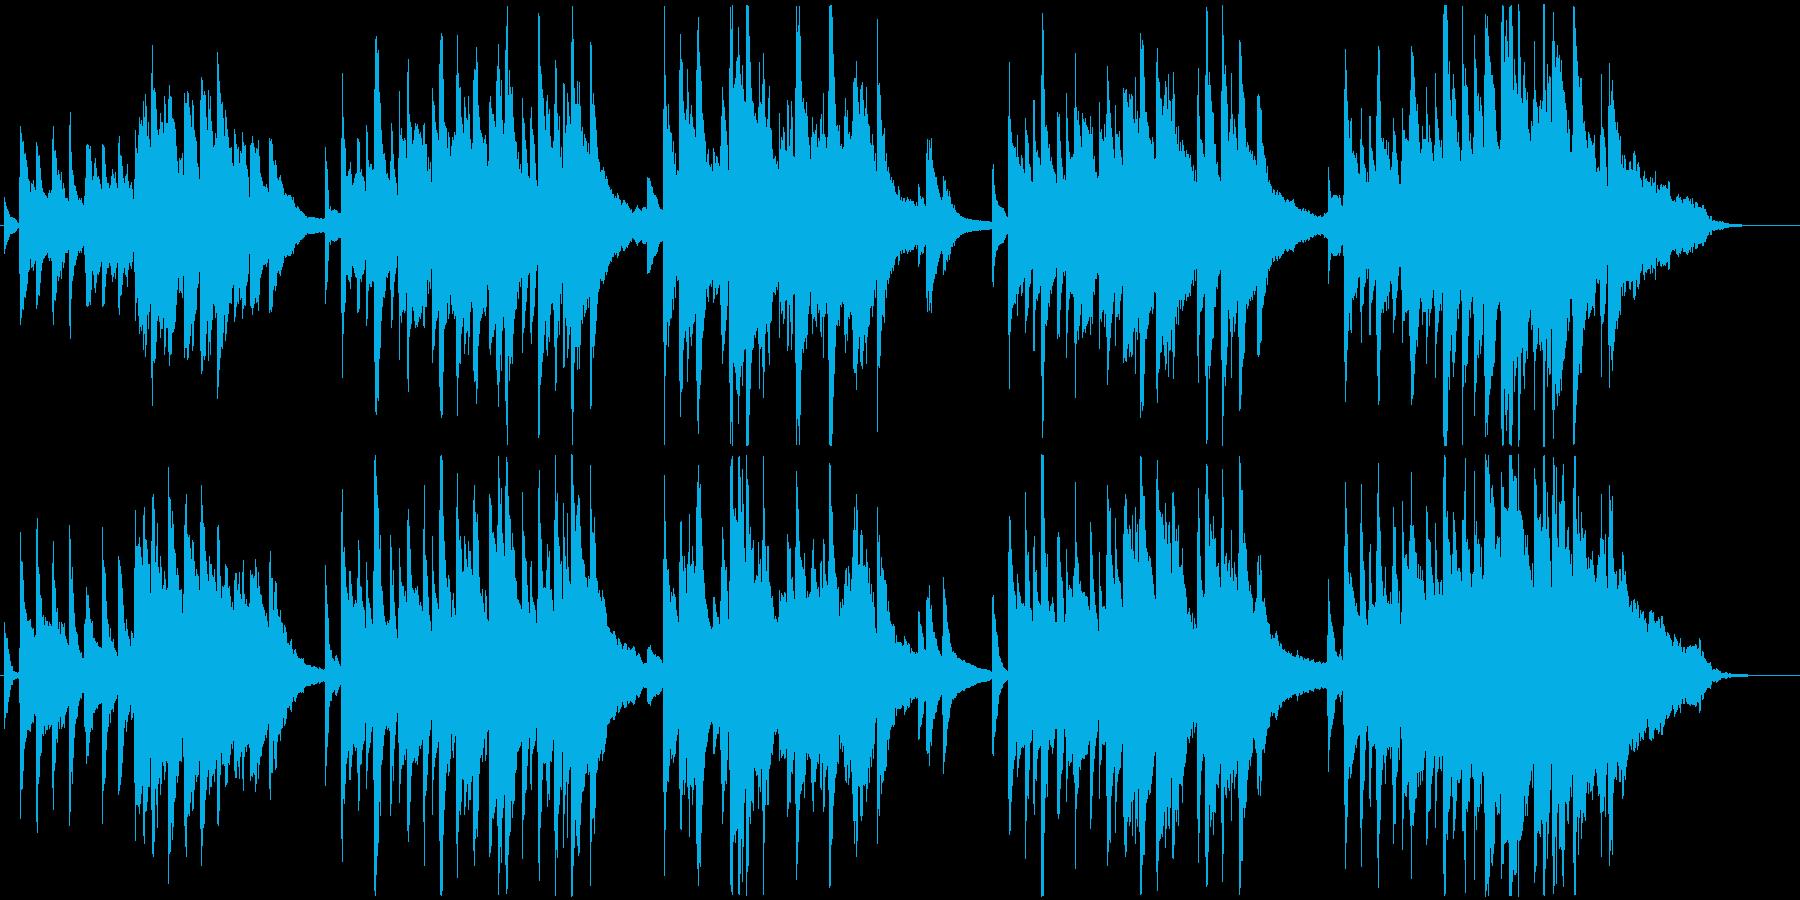 ピアノとクラシックギターの静かなバラードの再生済みの波形